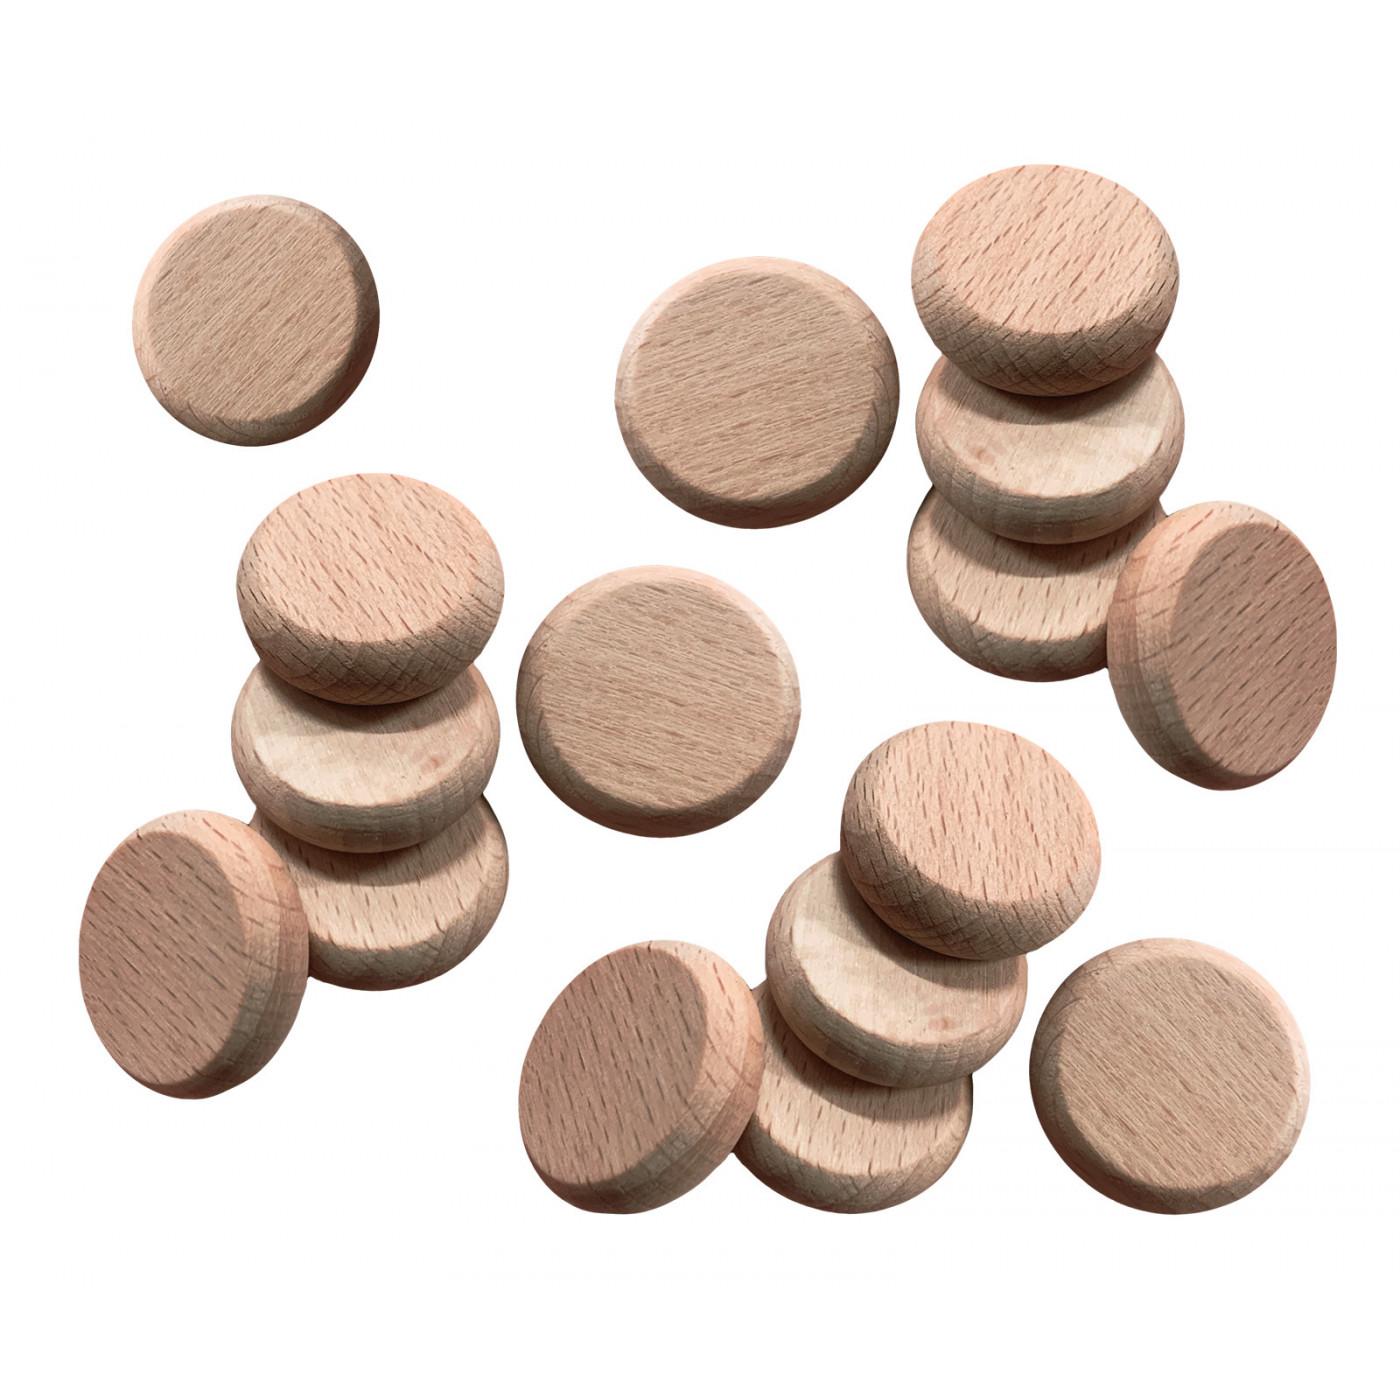 Set von 100 Holzscheiben (abgerundete Kanten, Durchmesser: 2,5 cm, Dicke: 8 mm, Buche)  - 1